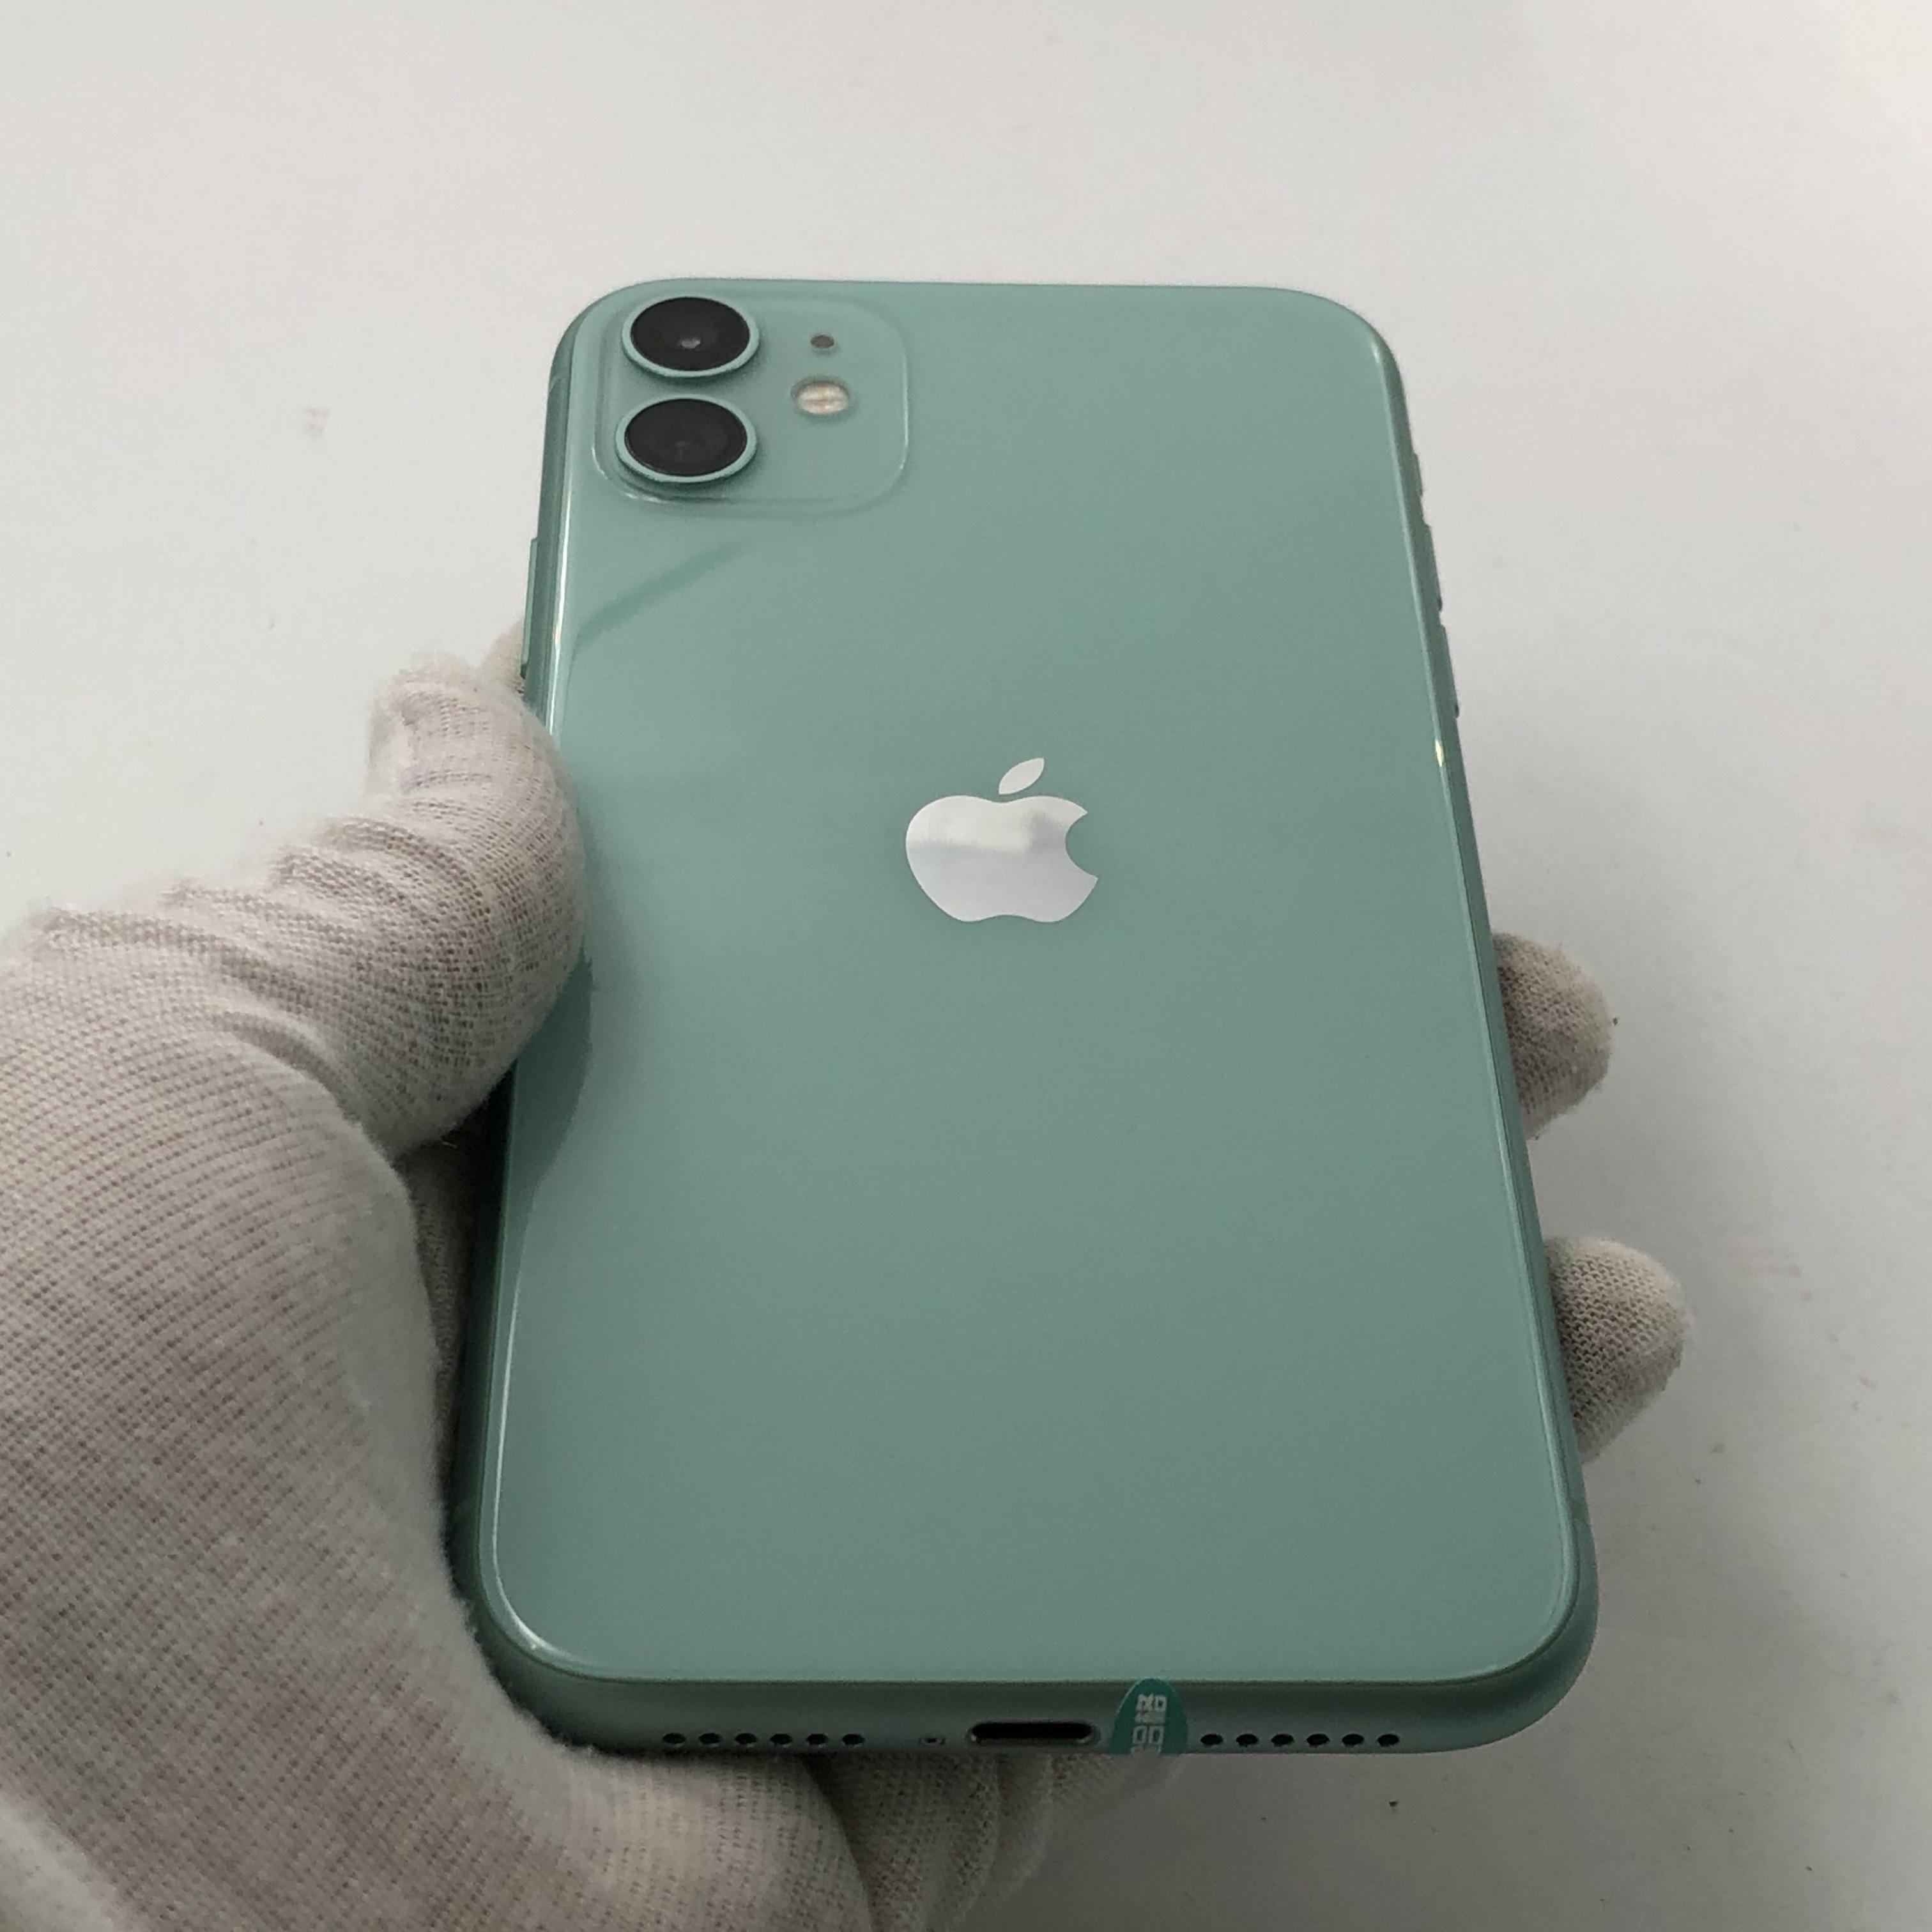 苹果【iPhone 11】全网通 绿色 128G 国行 95新